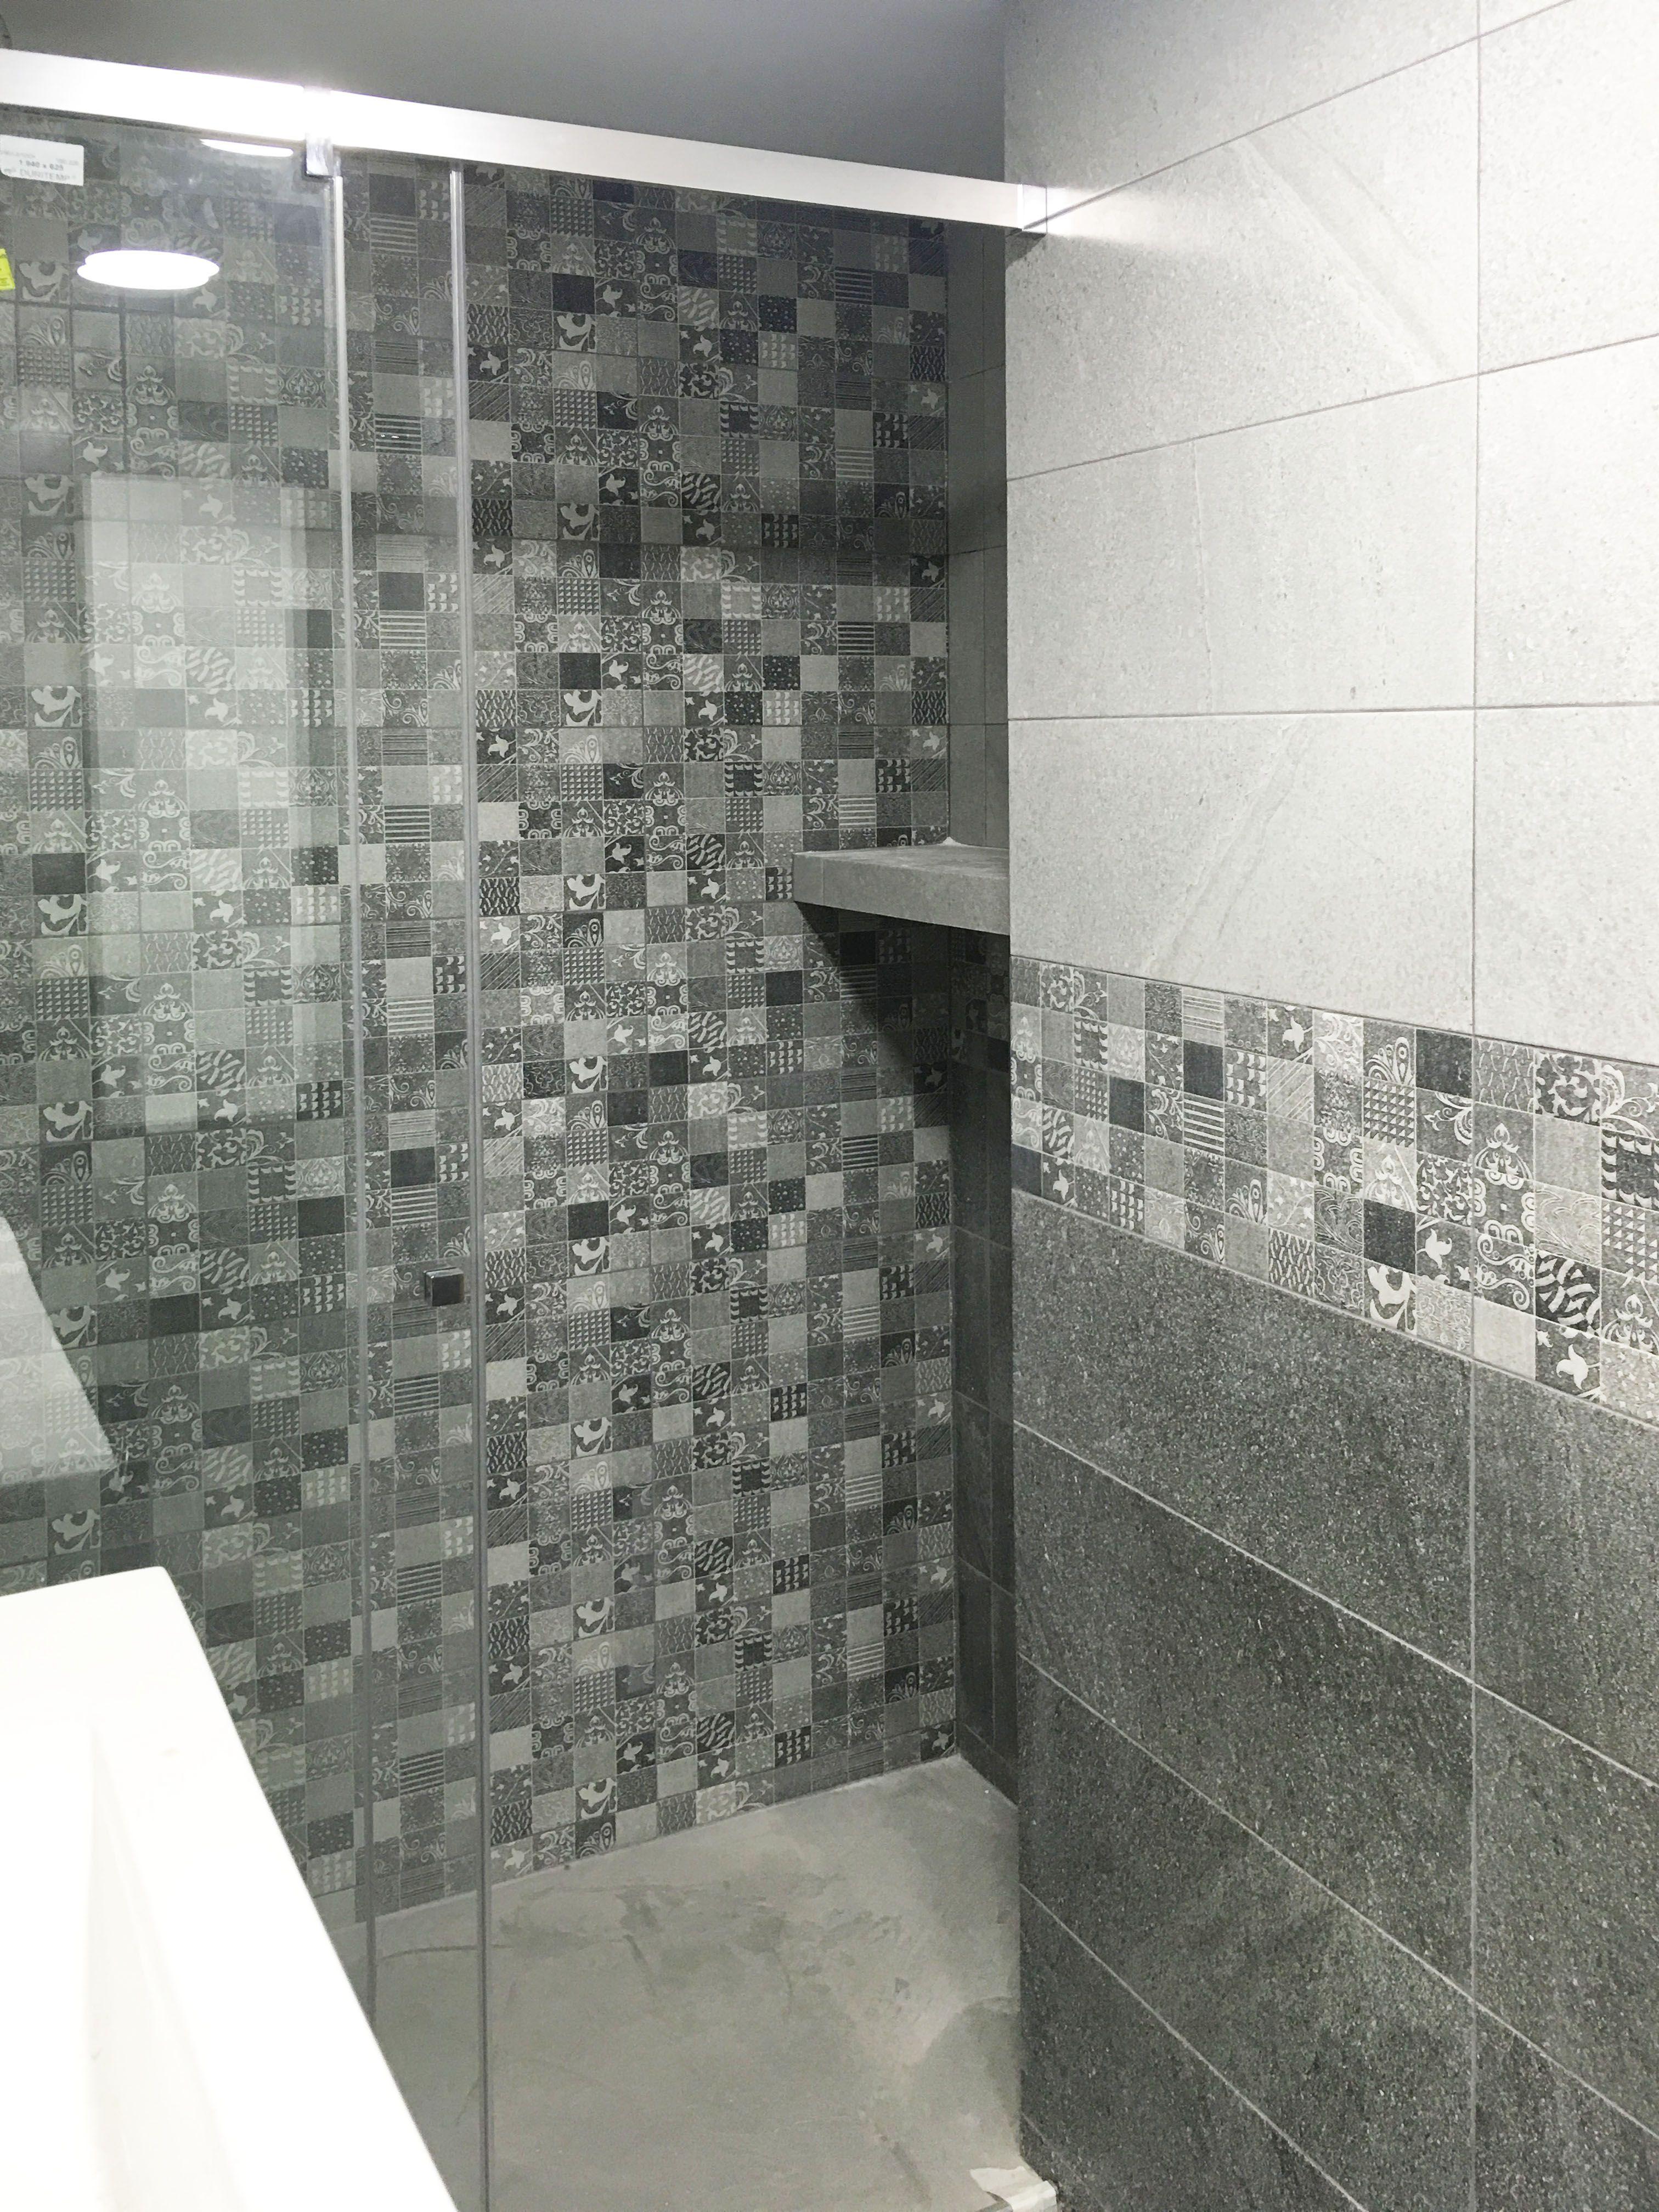 Cuarto de baño | Baños, Cuarto de baño, Construccion